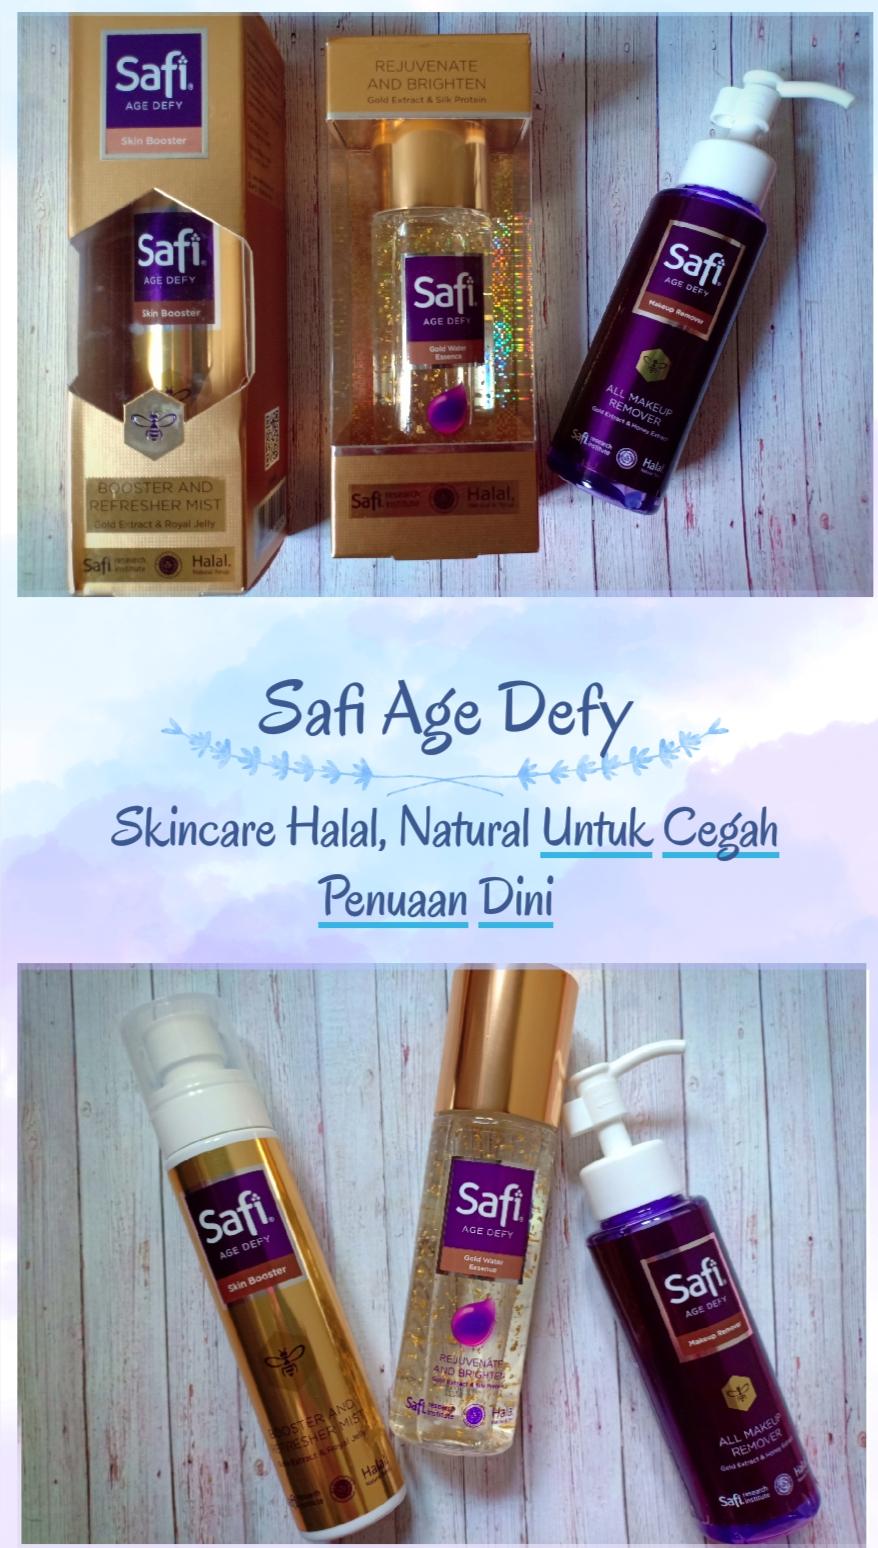 Safi Age Defy : Skincare Halal Natural Teruji Cegah